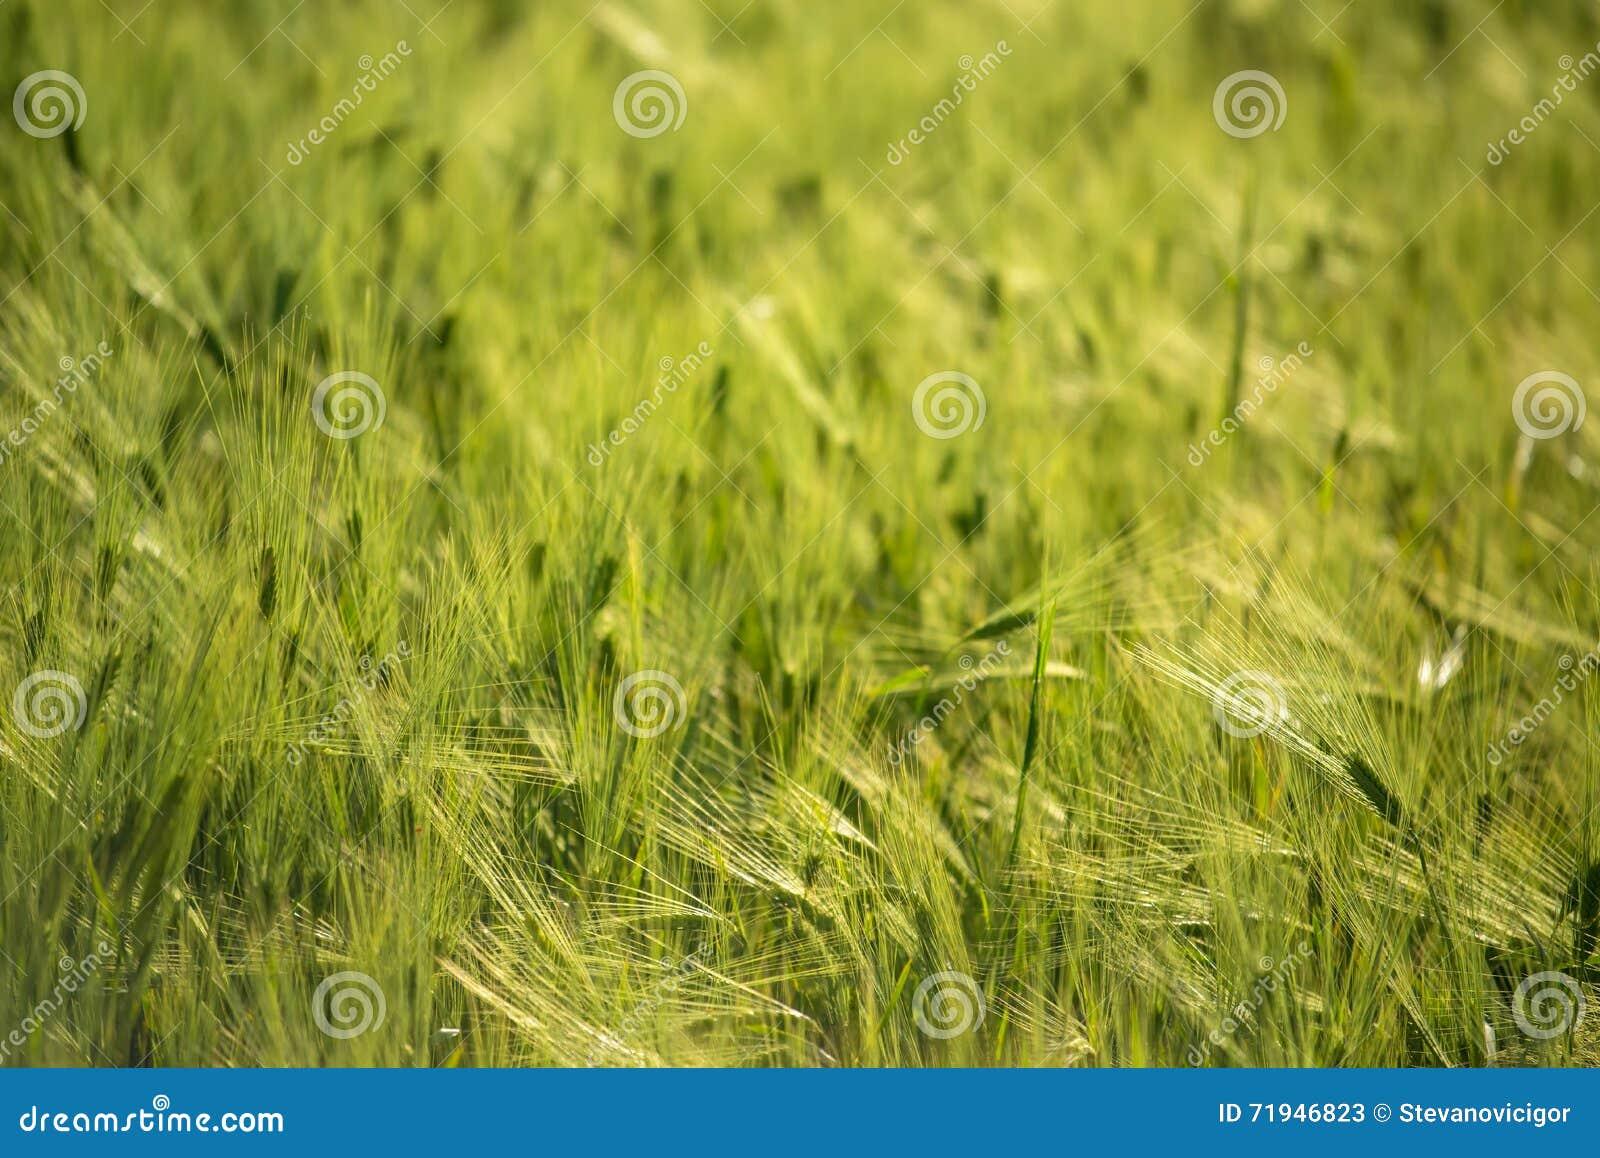 Зеленое поле ячменя